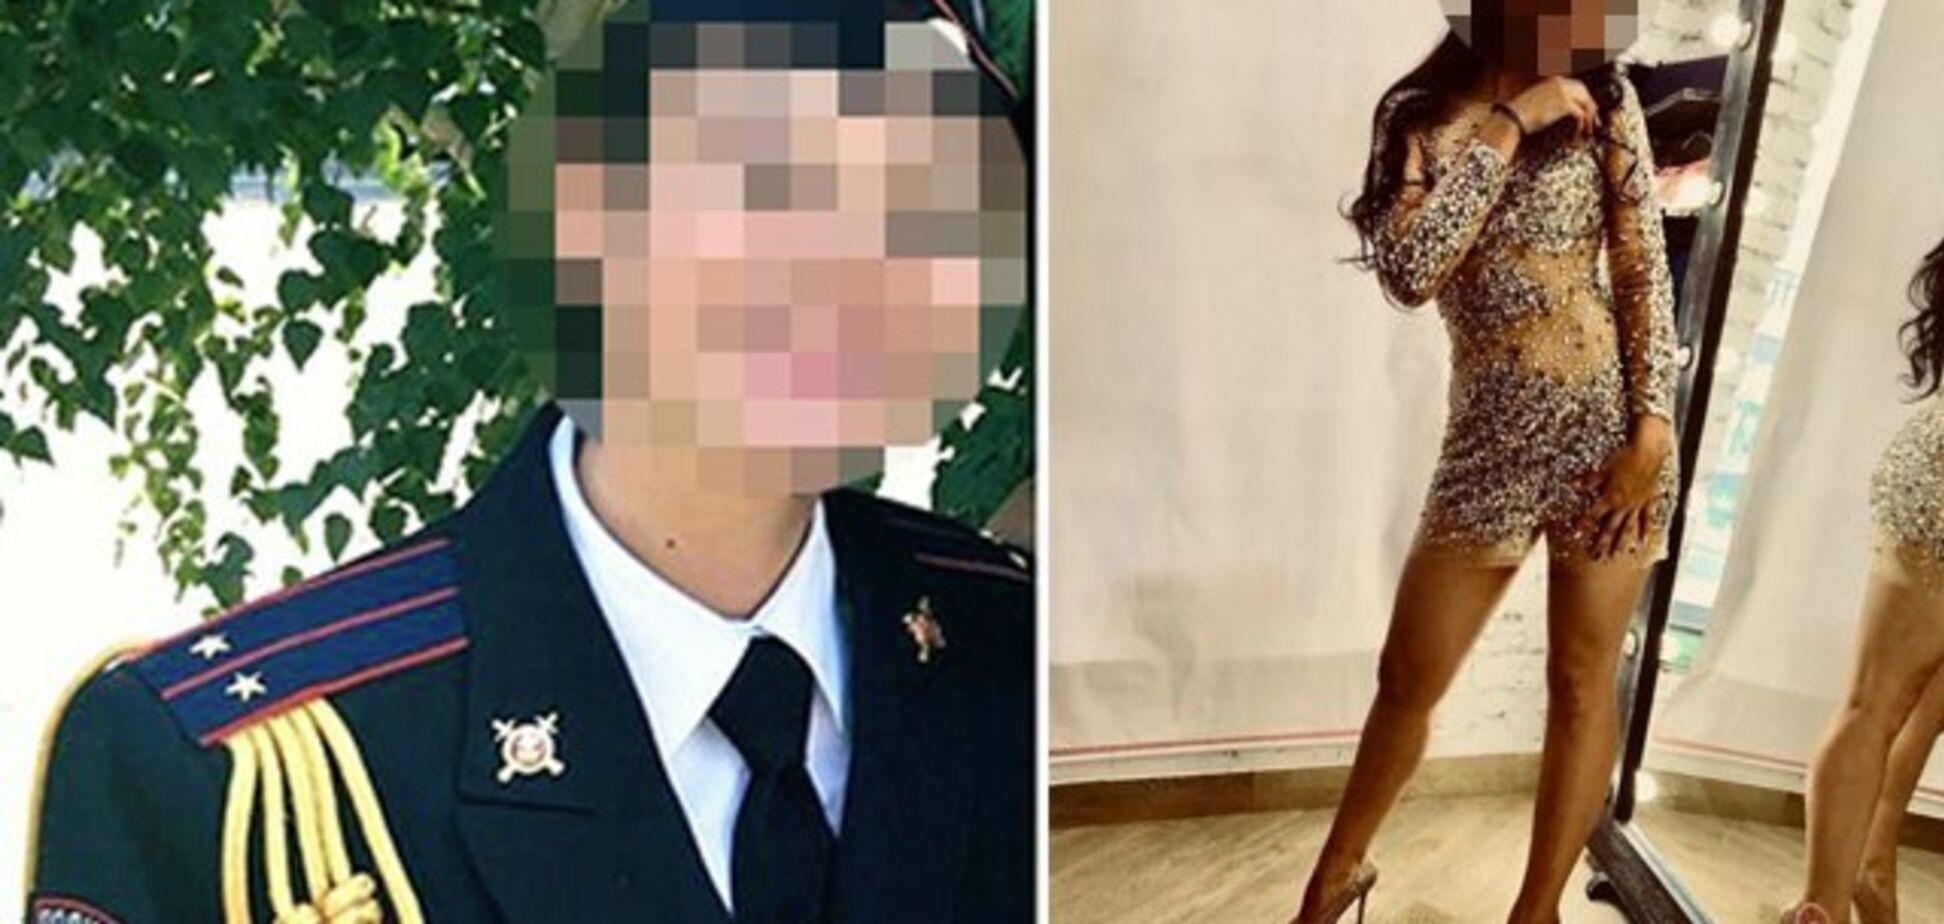 ''Знущалися усю ніч'': у Росії поліцейські зґвалтували колегу. Всі подробиці